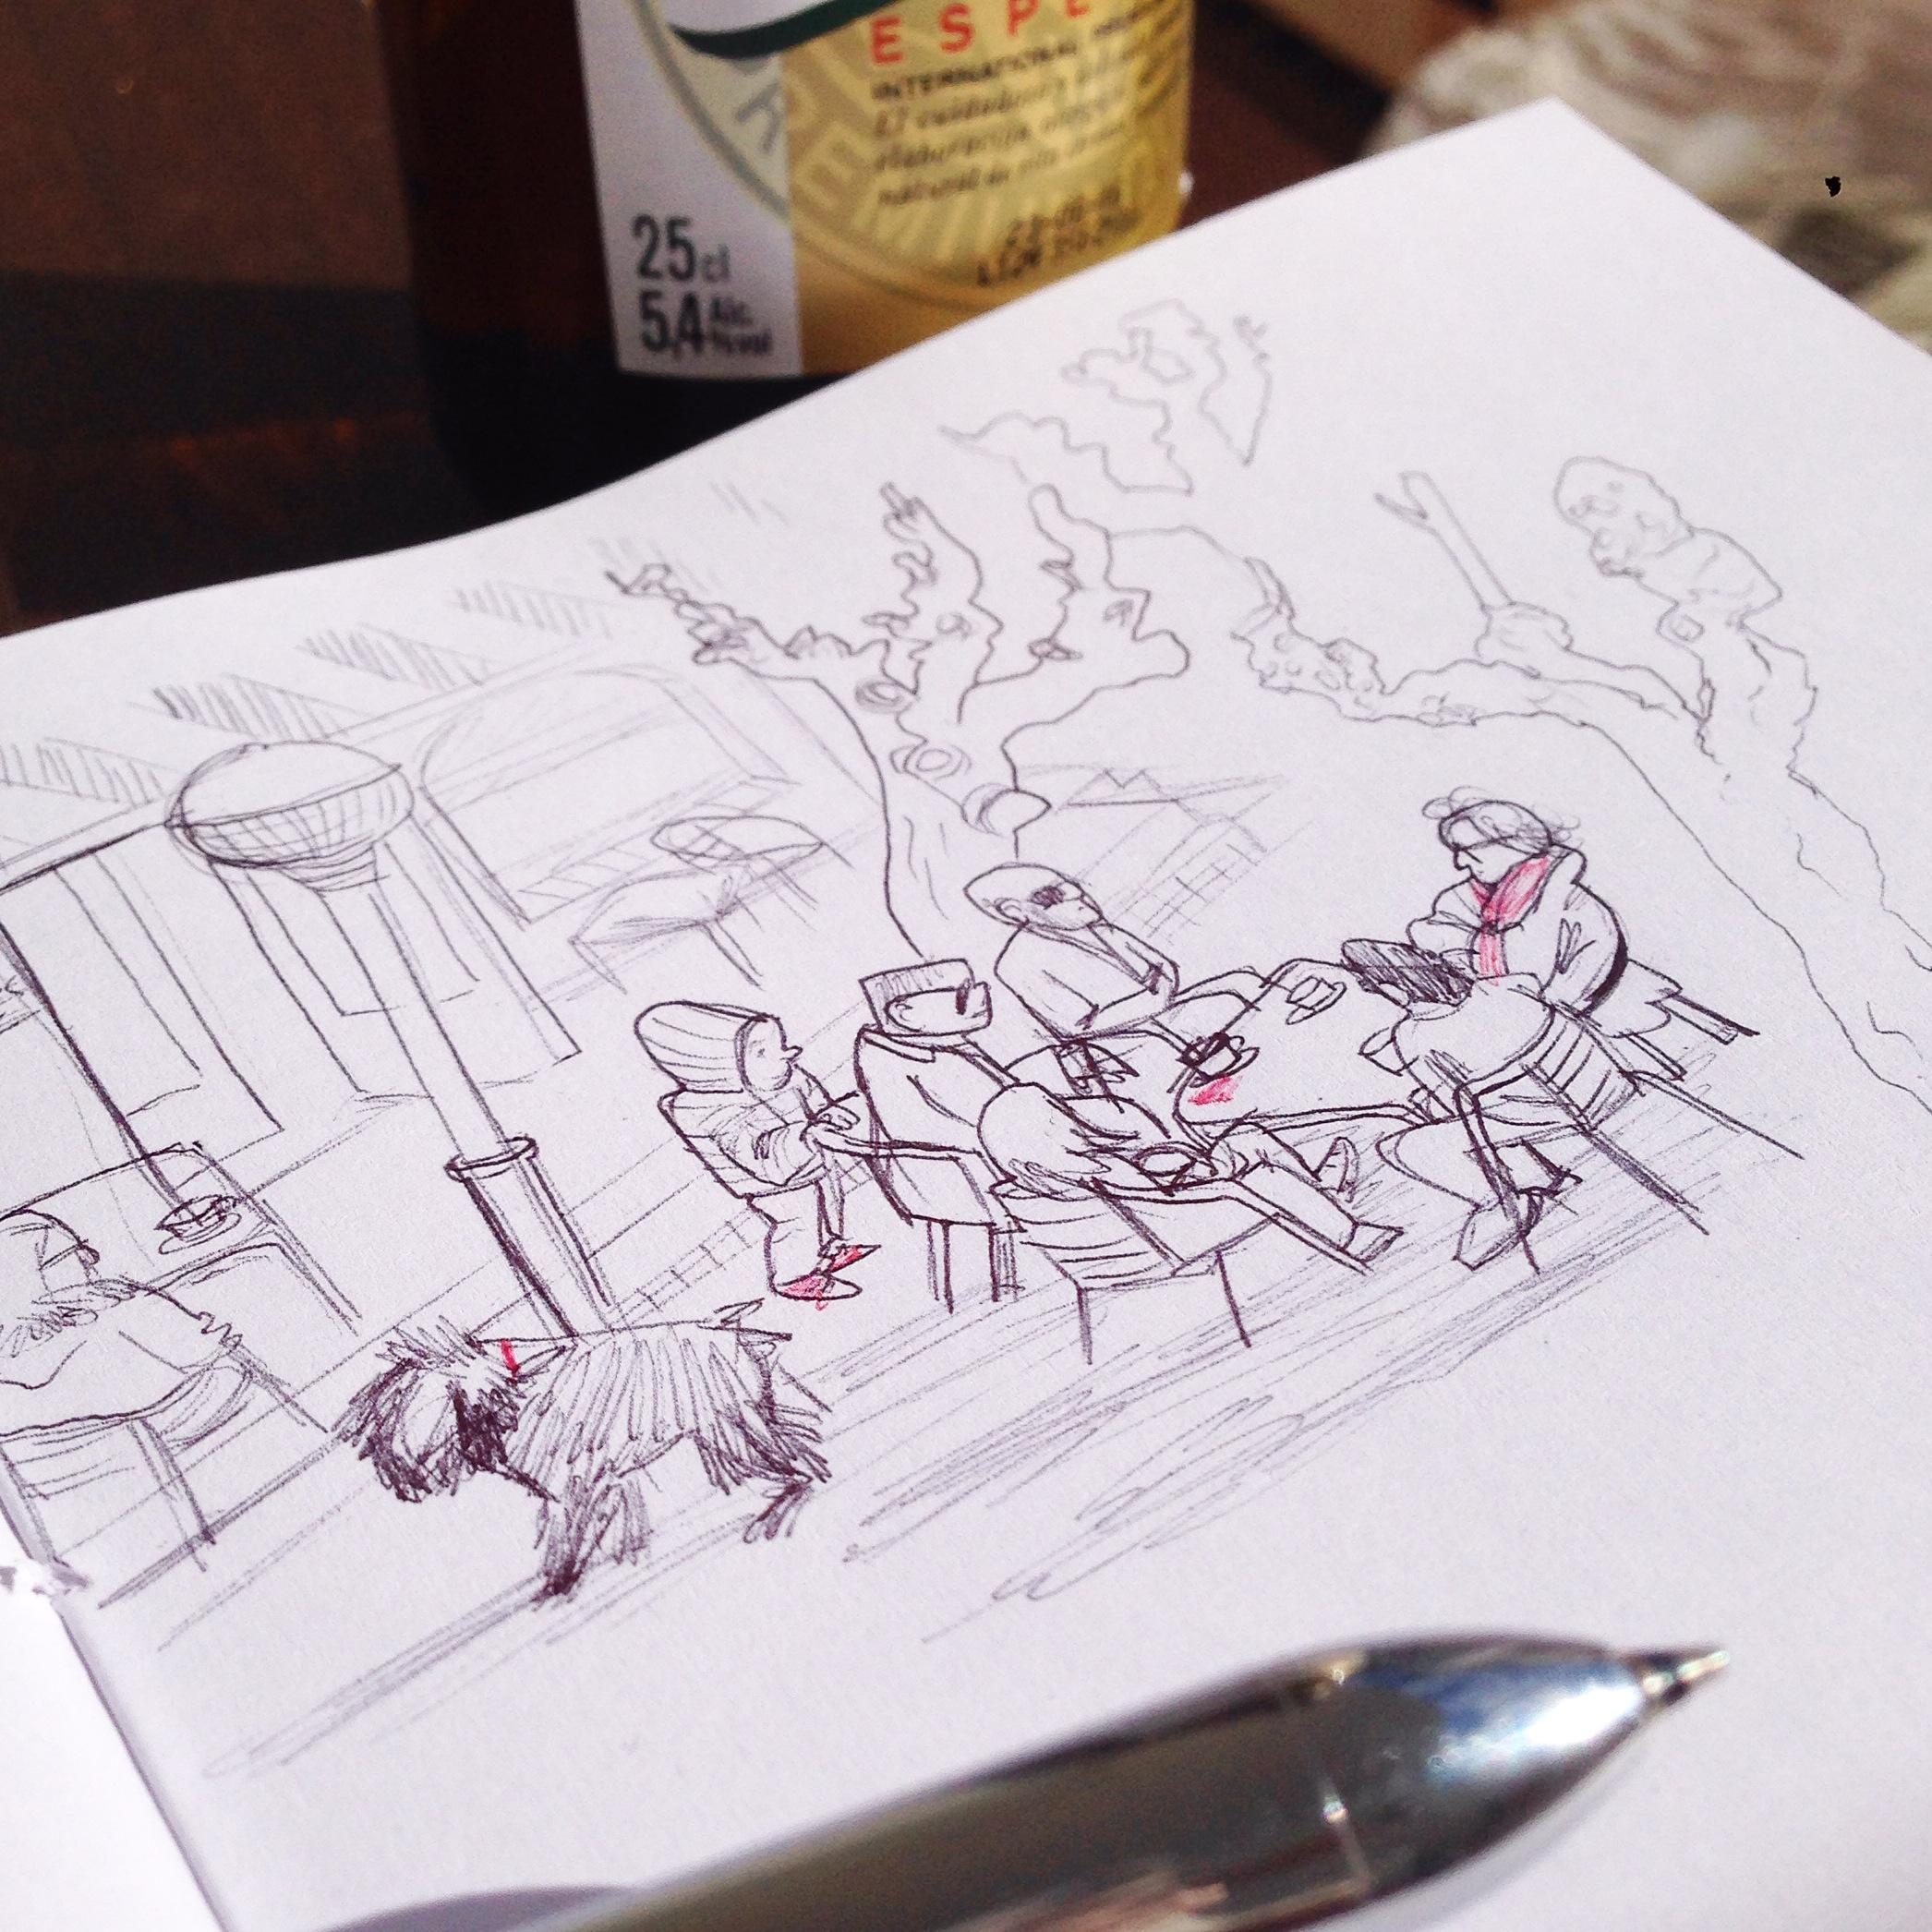 sketchbook sketch boceto cuaderno dibujo doodle garabato bar terrace terraza vermouth people urban sketcher balcony san miguel beer